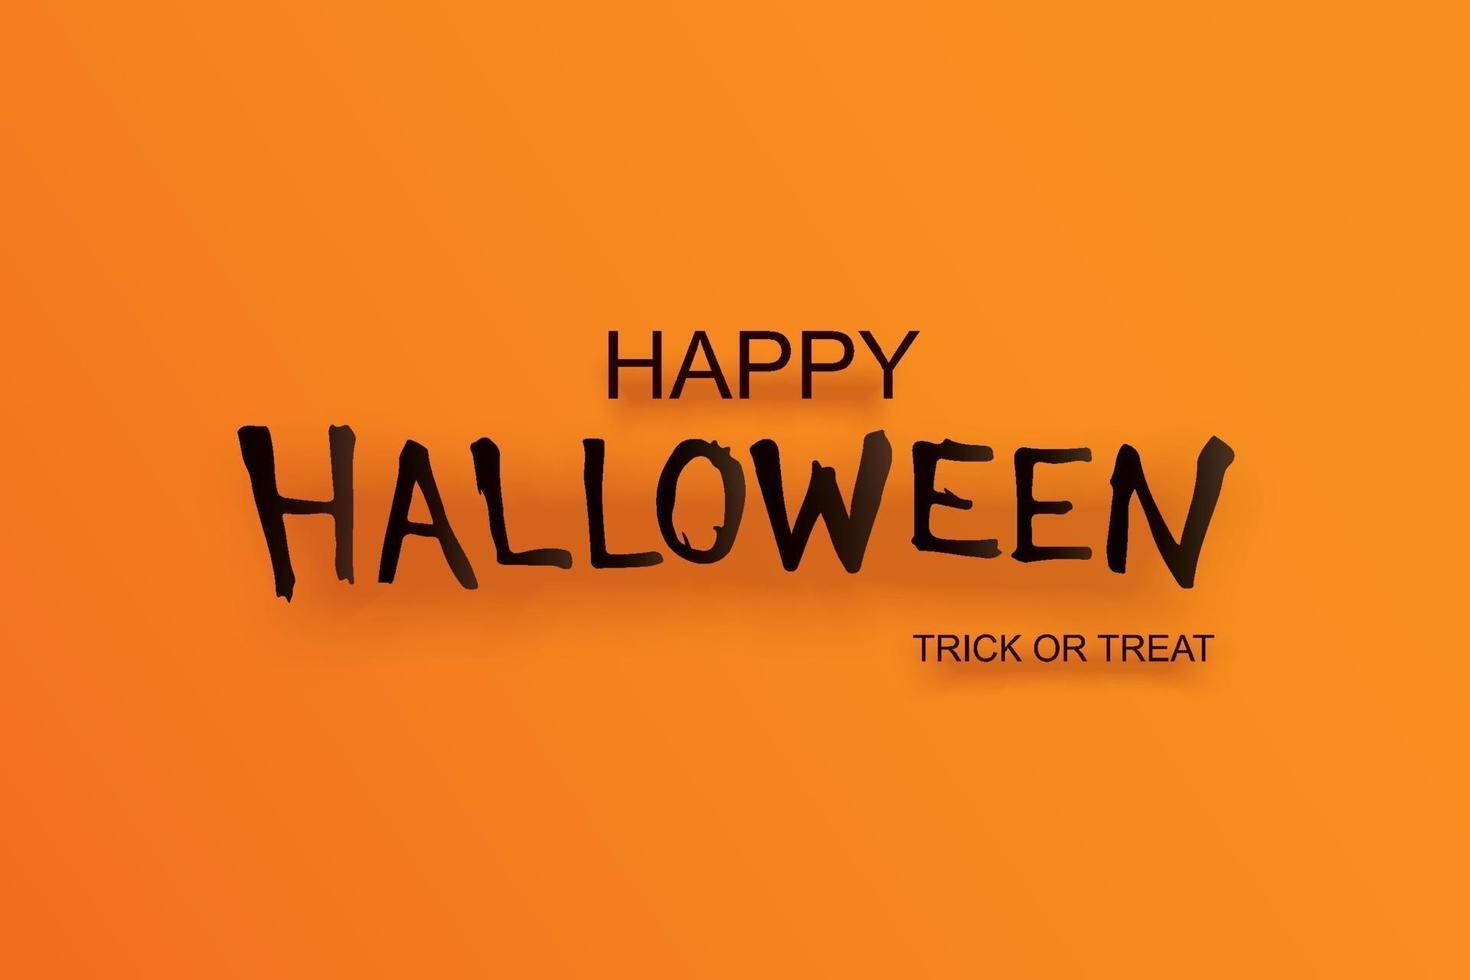 invitation de fête d'halloween avec texte sur fond orange. modèle d'art de papier de carte de voeux de conception. utiliser pour flyer, bannière, affiche, illustration vectorielle. vecteur